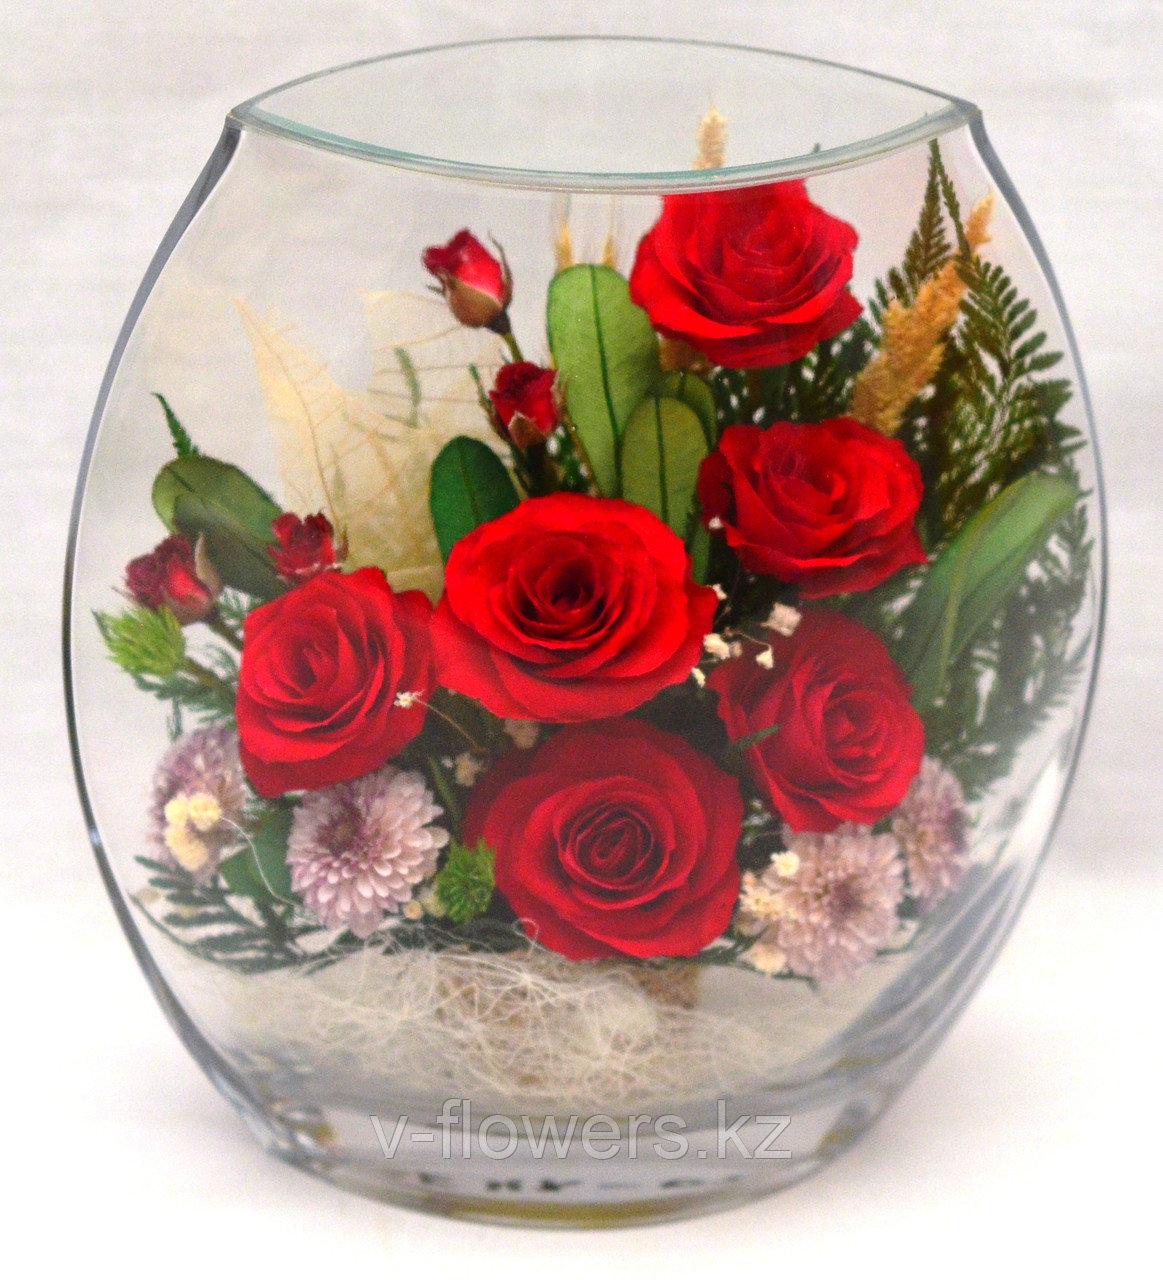 Живые цветы надолго EHR-02